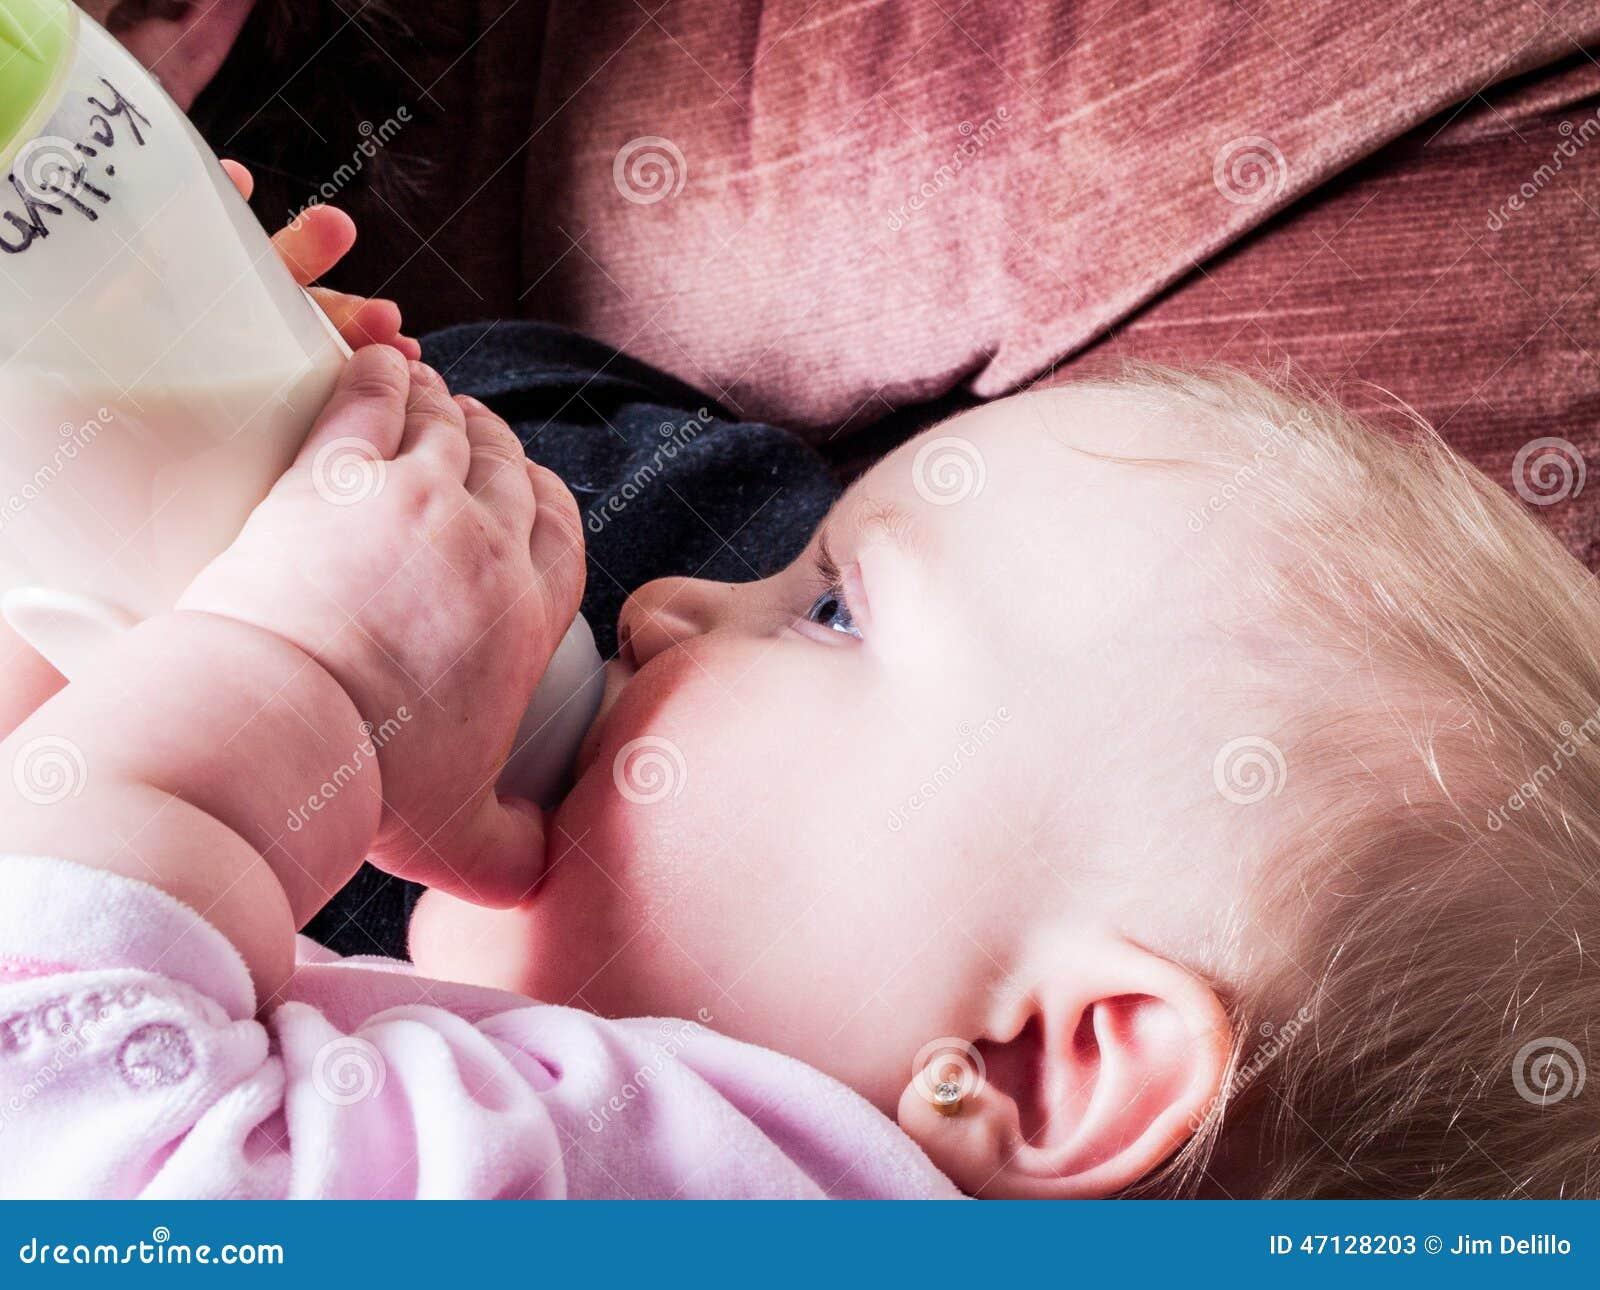 Blue-eyed Baby sucking bottle